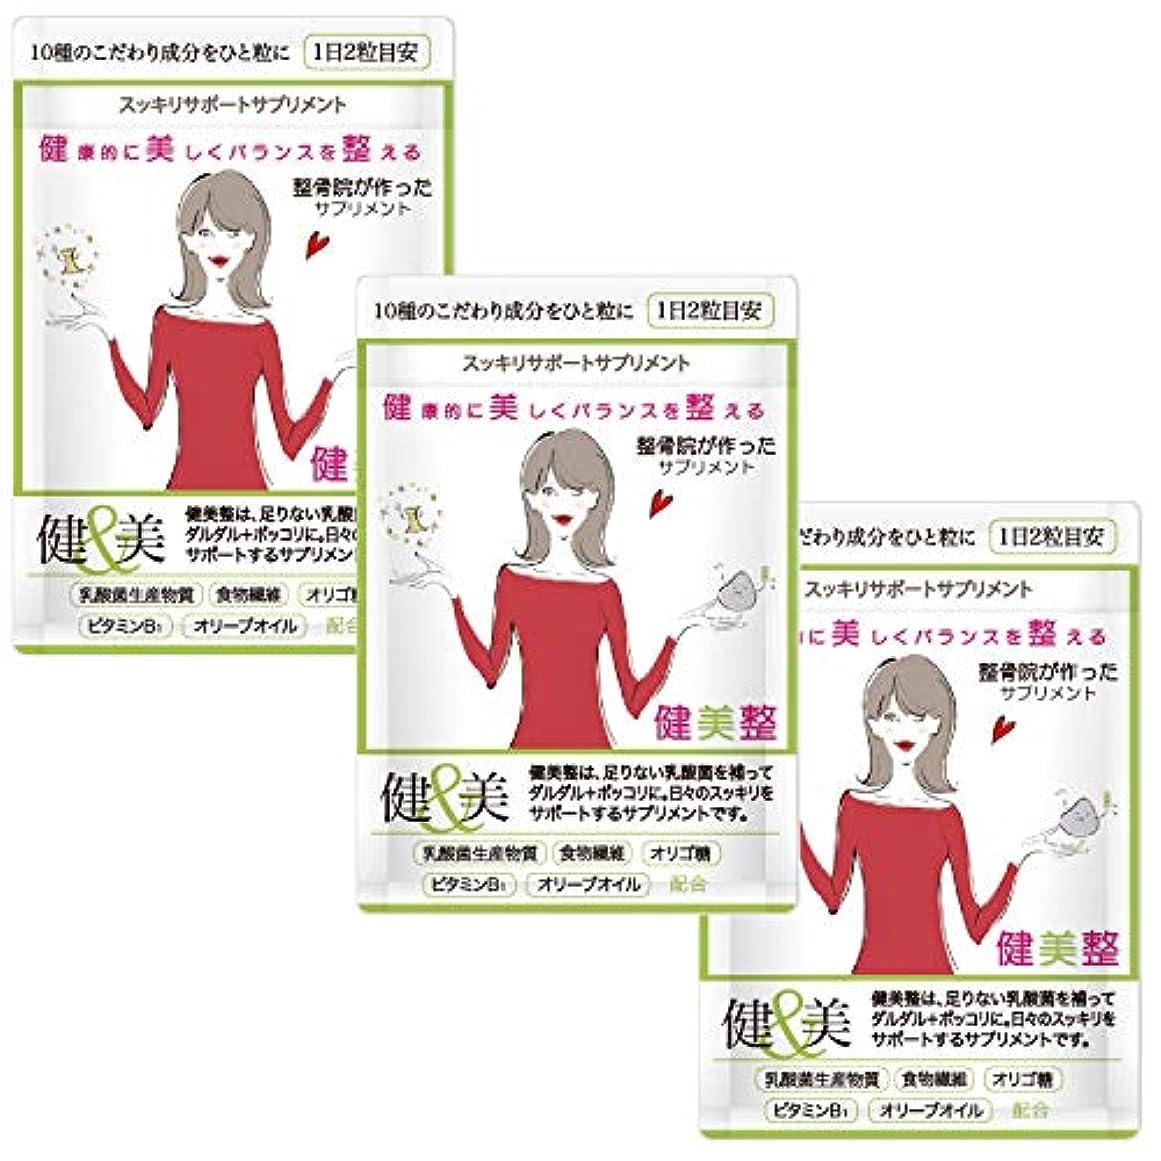 博物館センサー時代ダイエット サプリメント 人気 酵素 健美整プラス 腸内環境 炭 60粒1か月分 (3)